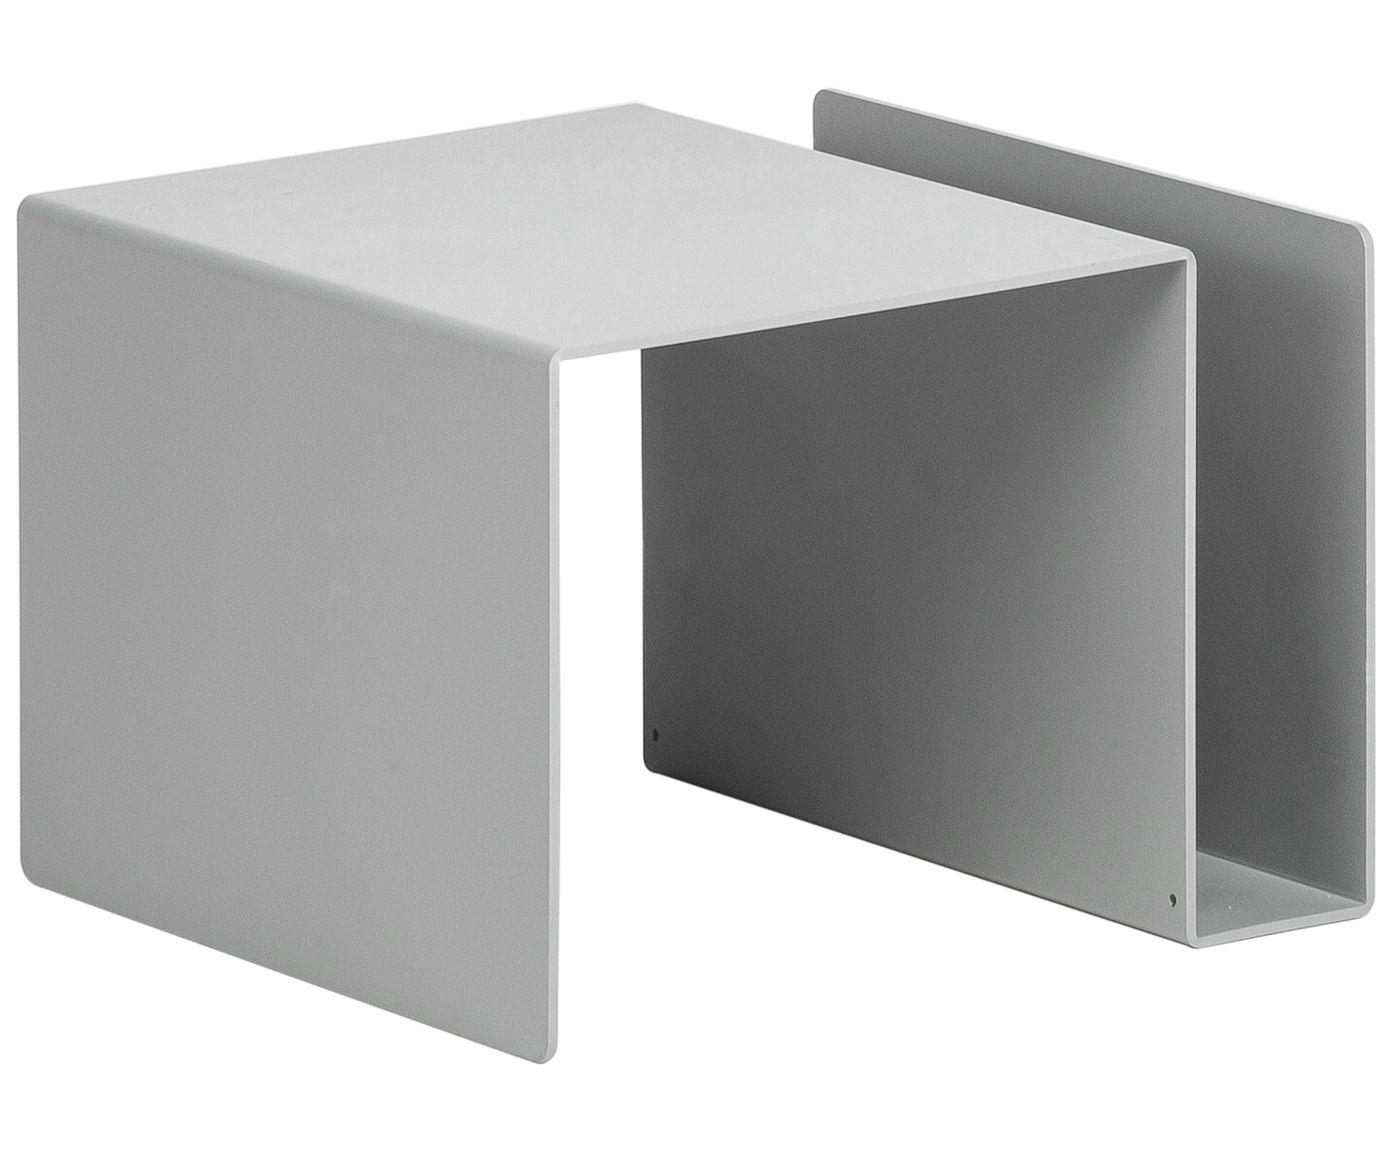 ein tisch mit vielen facetten der hellgraue beistelltisch huk von emform besticht mit seinem. Black Bedroom Furniture Sets. Home Design Ideas